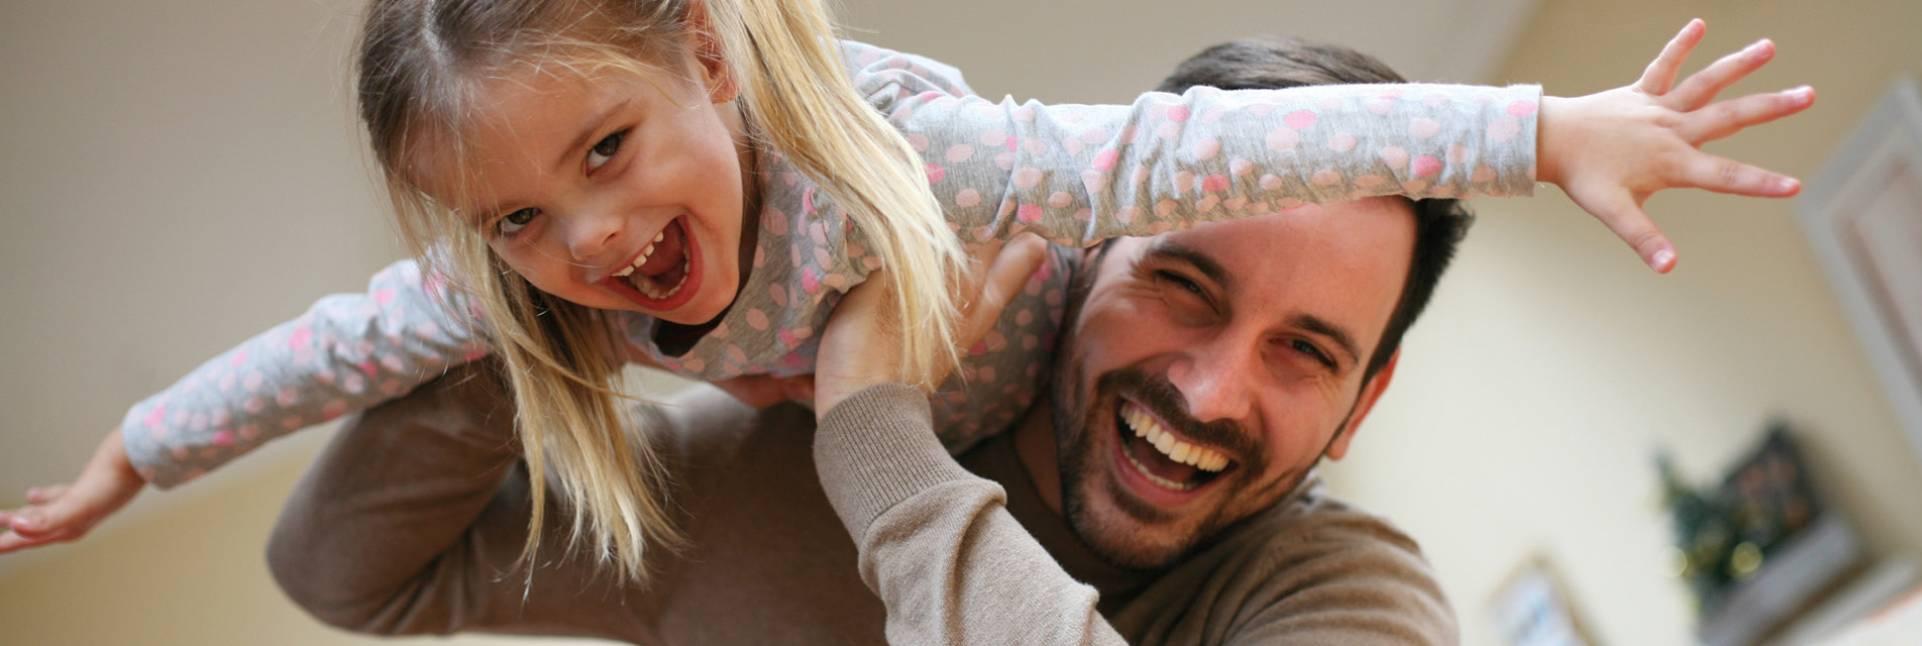 Las aftas bucales: por qué salen y cómo curarlas